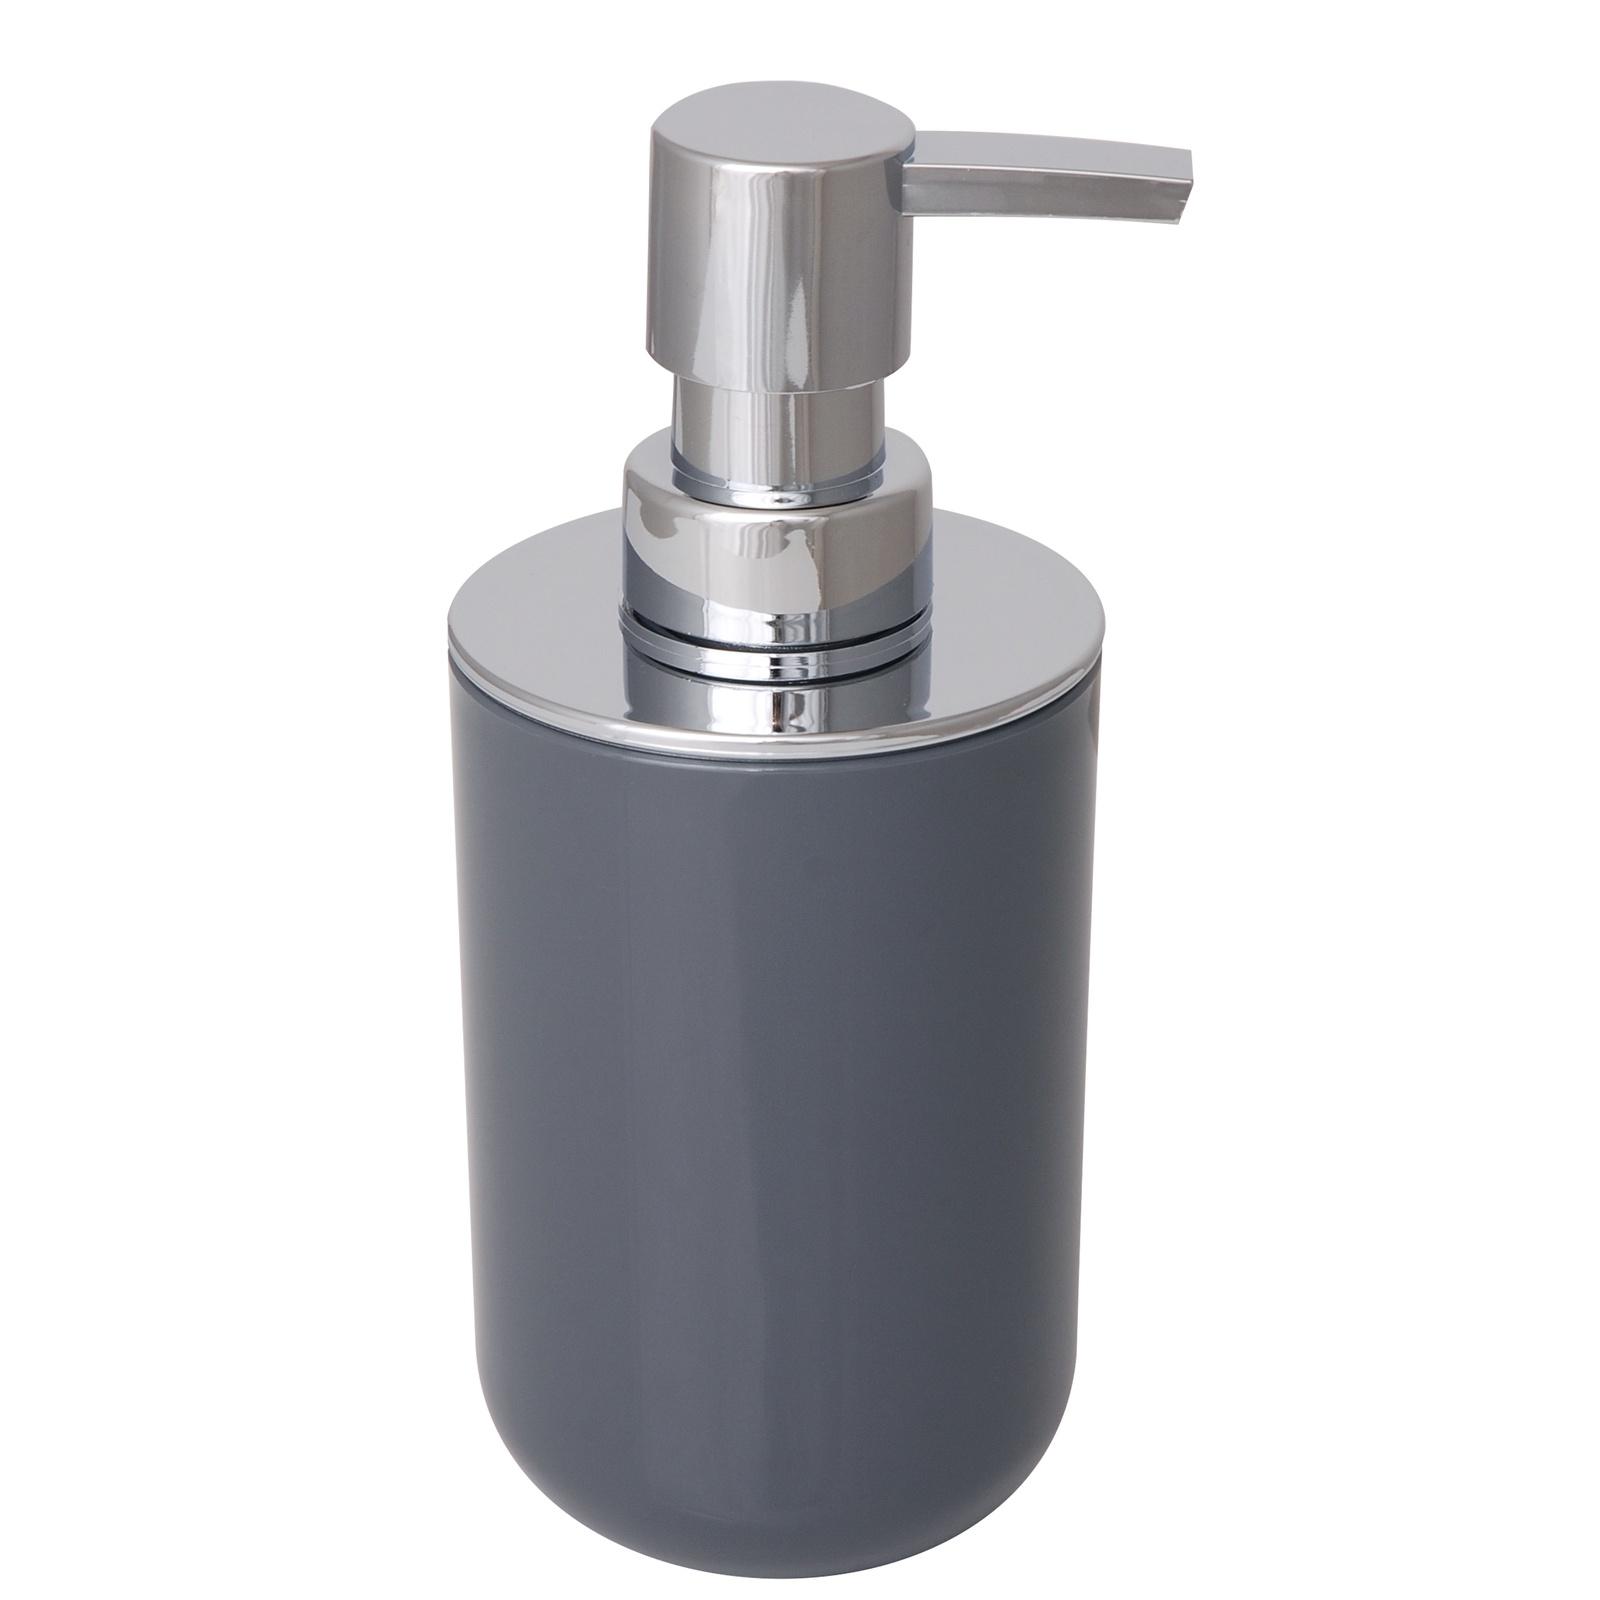 Диспенсер для мыла Sibo ALBA GREY, серый дозатор для жидкого мыла king tower цвет серый 12349